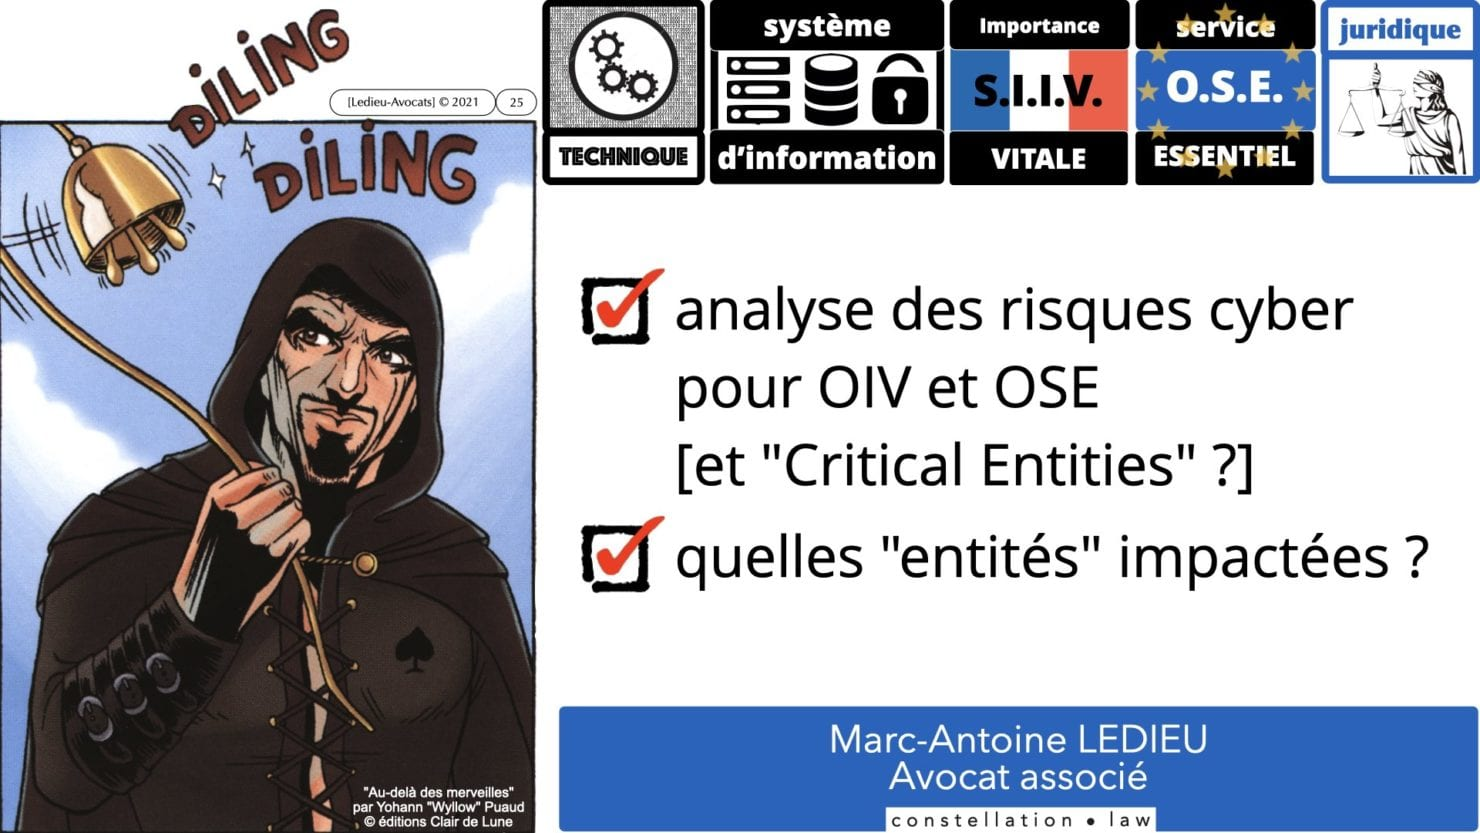 342 cyber sécurité #2 OIV OSE analyse risque EBIOS RM © Ledieu-avocat 15-07-2021.025